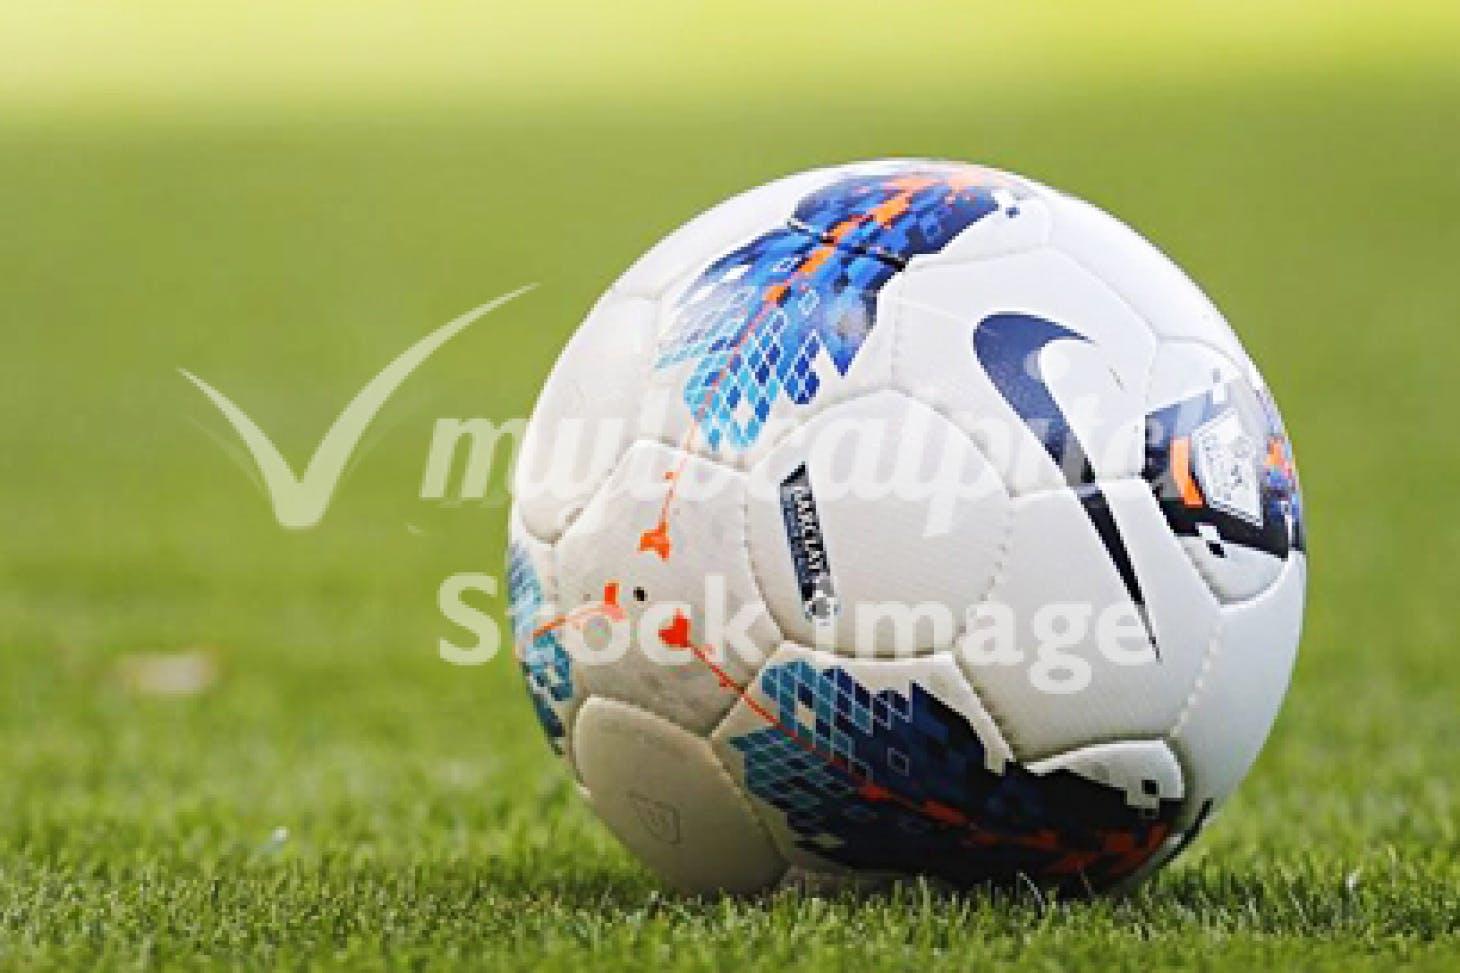 Oaken Grove 11 a side   Grass football pitch